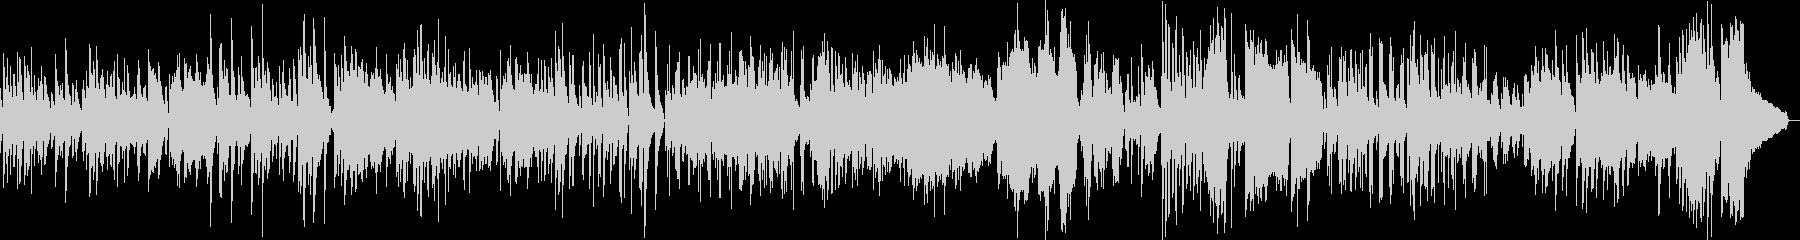 グリーンスリーブス合唱  ジャズアレンジの未再生の波形